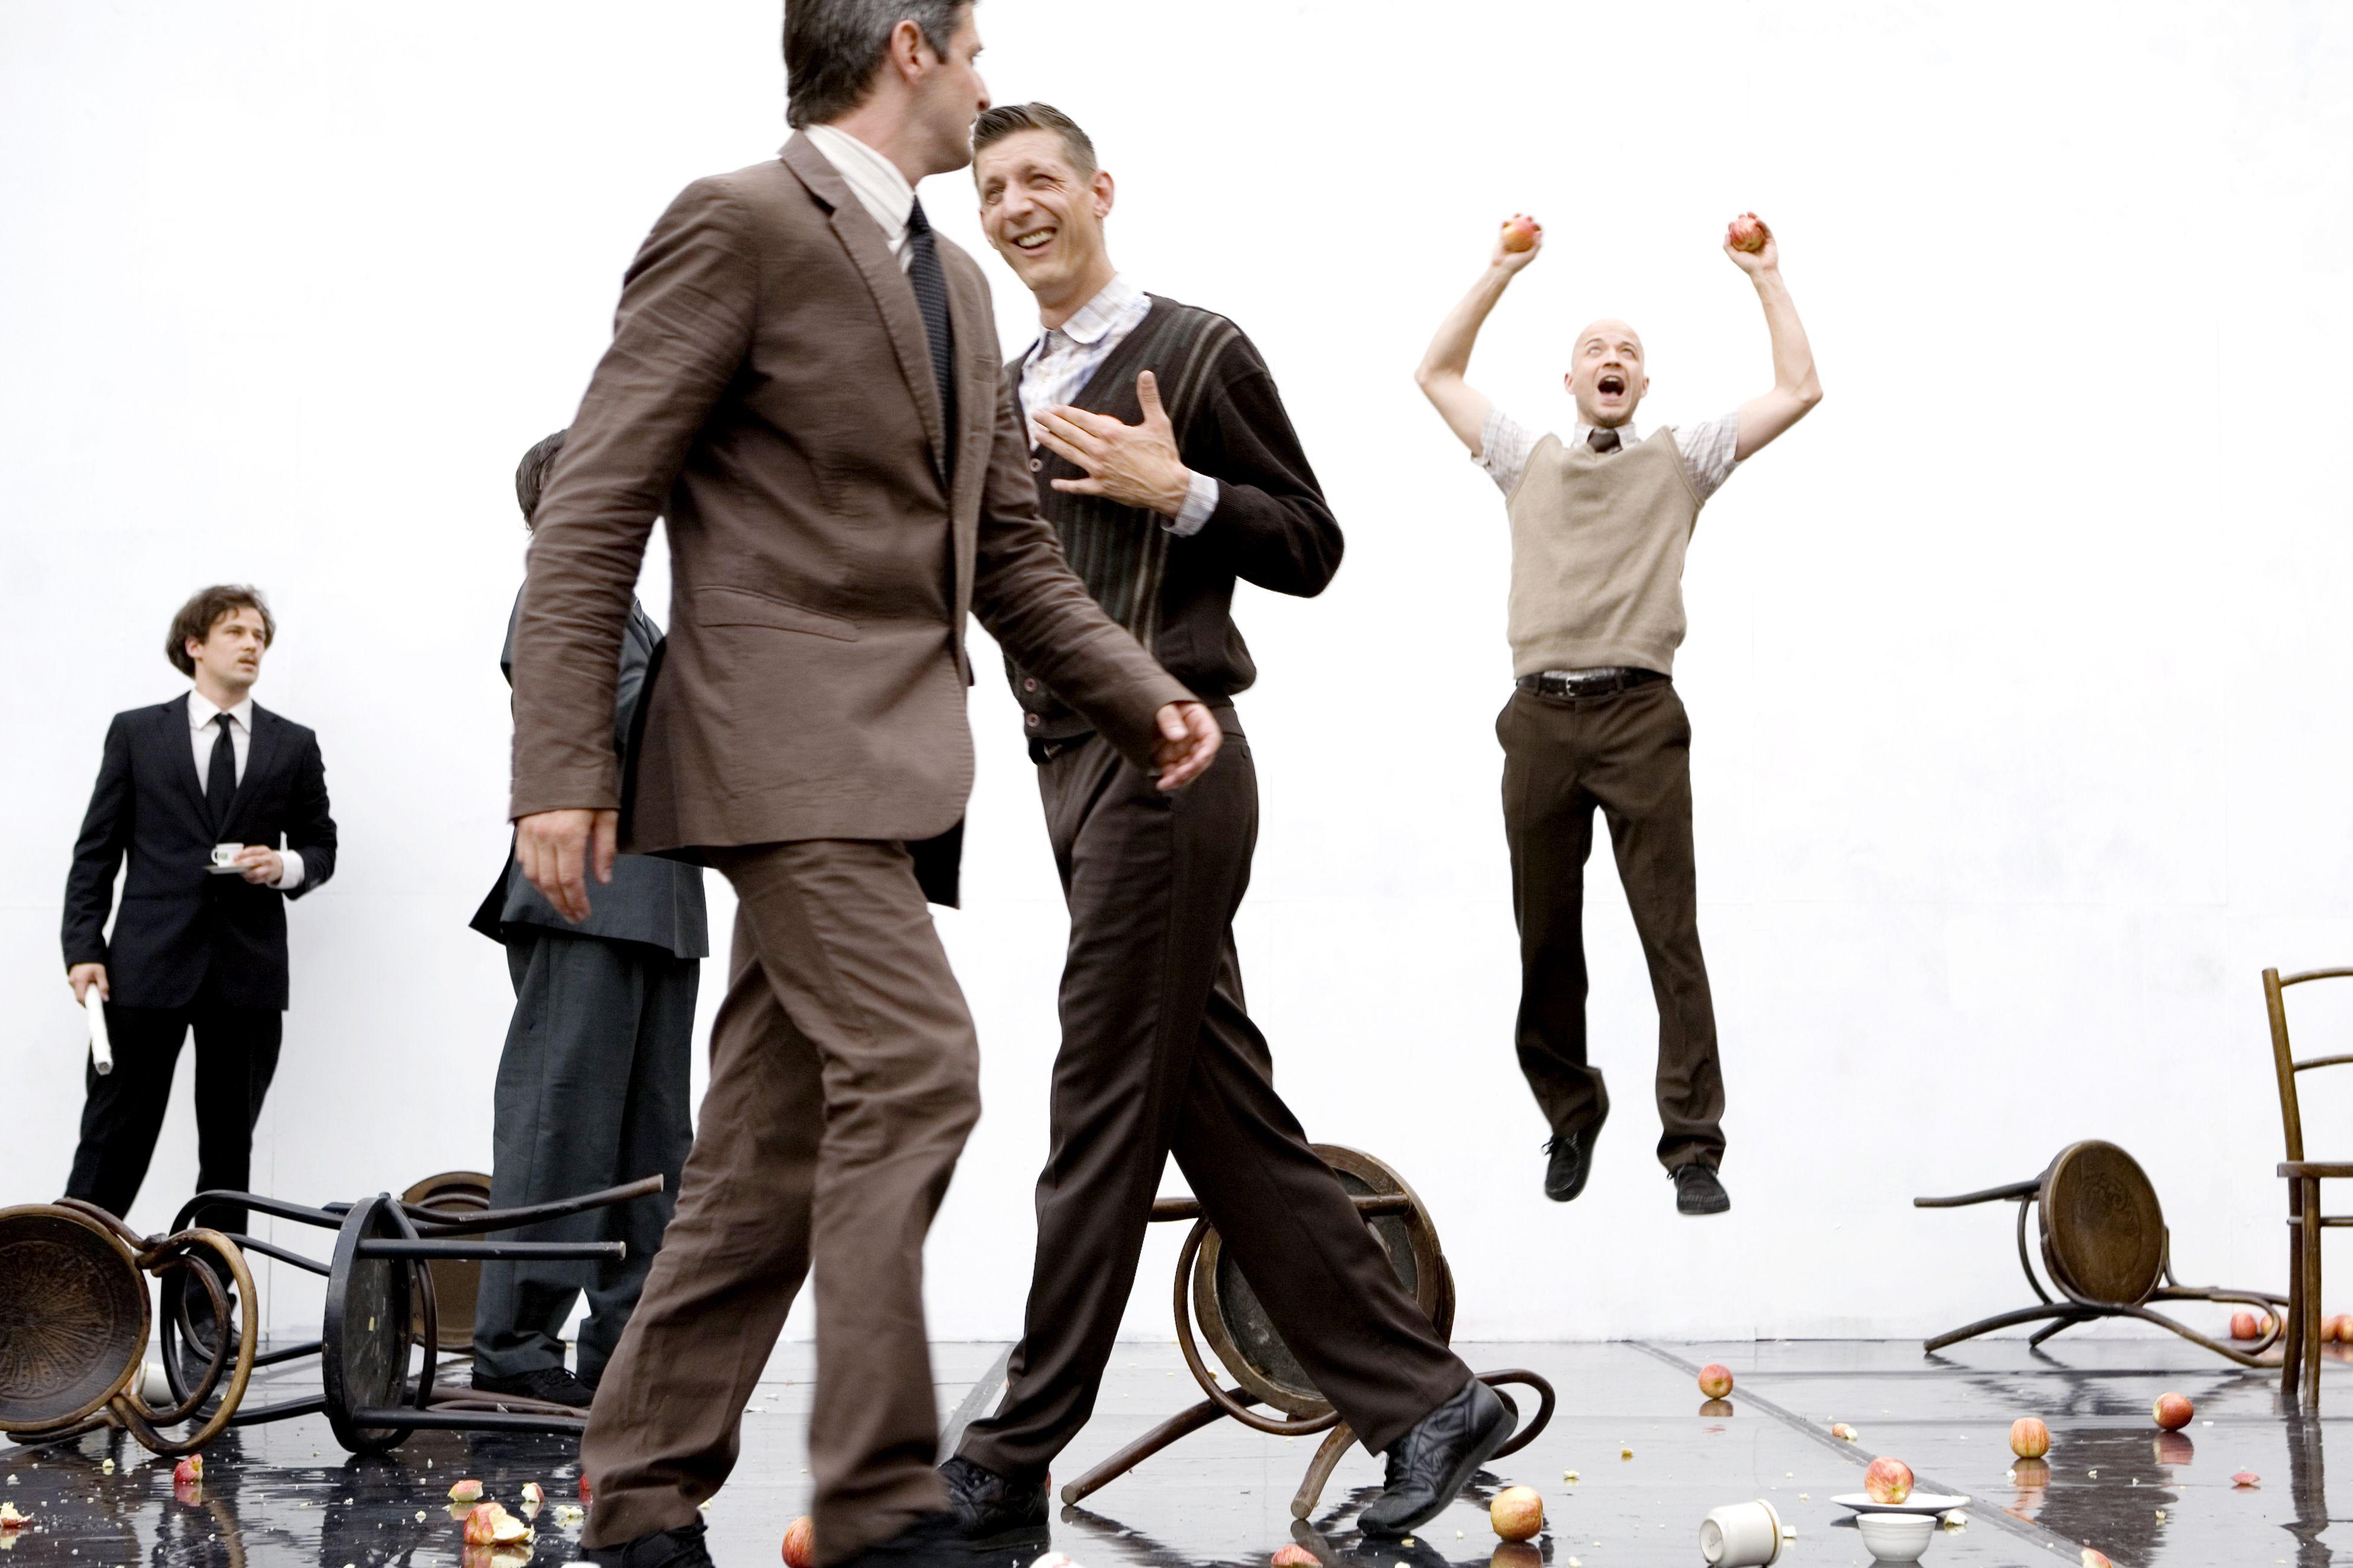 Gandini Juggling: Smashed Del 30 de enero al 2 de febrero de 2014 en el #CircoPrice de #Madrid